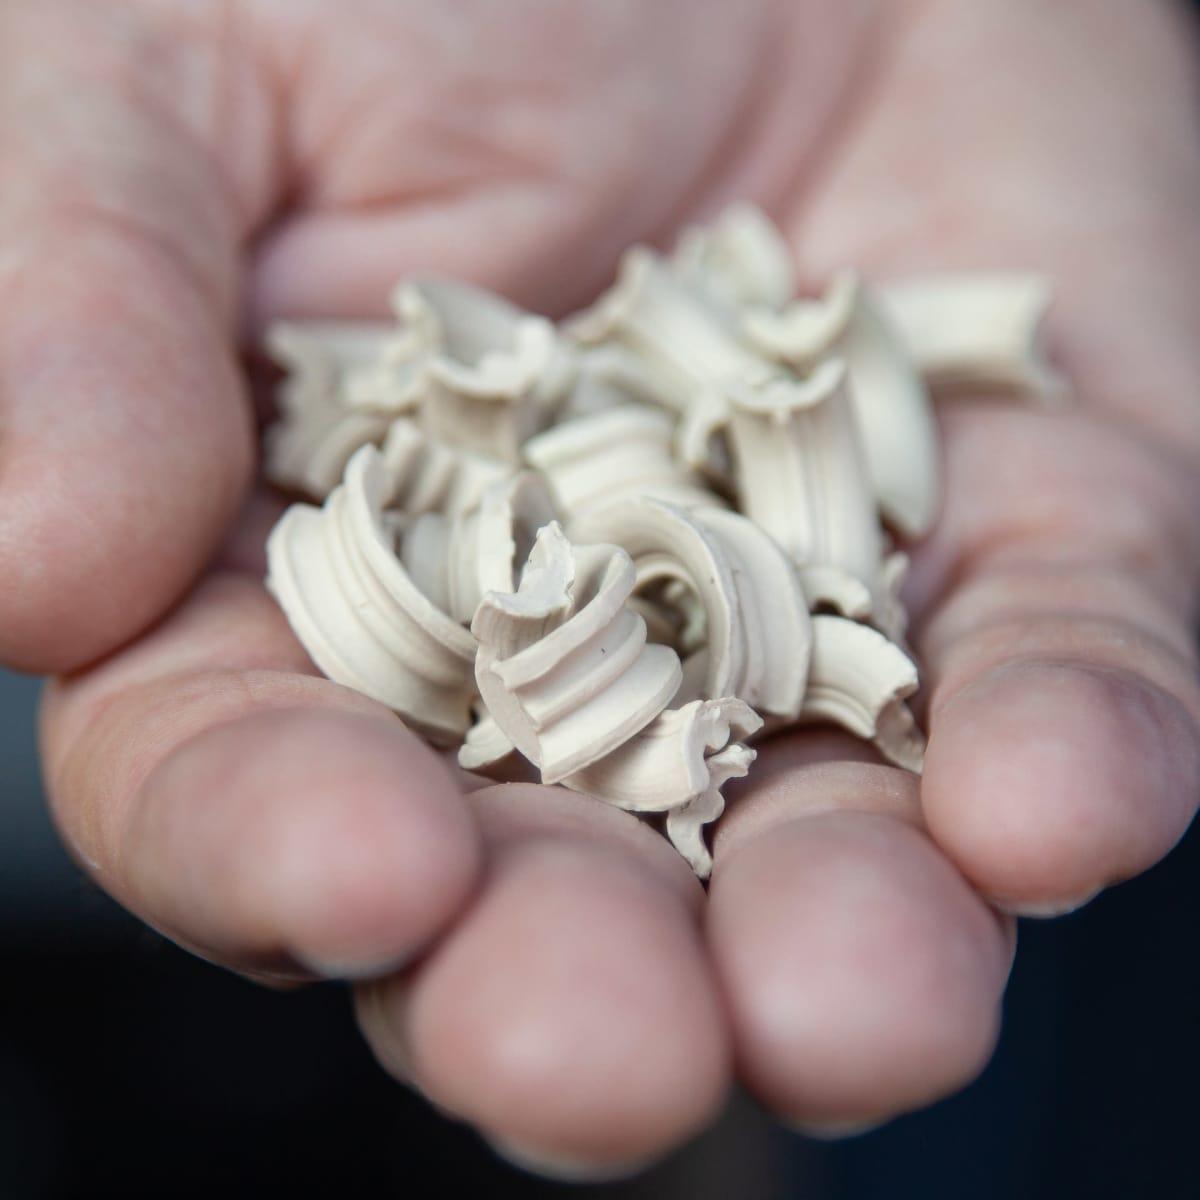 Kädessä valkoista mikrobipohjaisen EM-teknologian (Effective Micro-organisms) vedenpudistukseen tarkoitettua mikro-organismirouhetta.